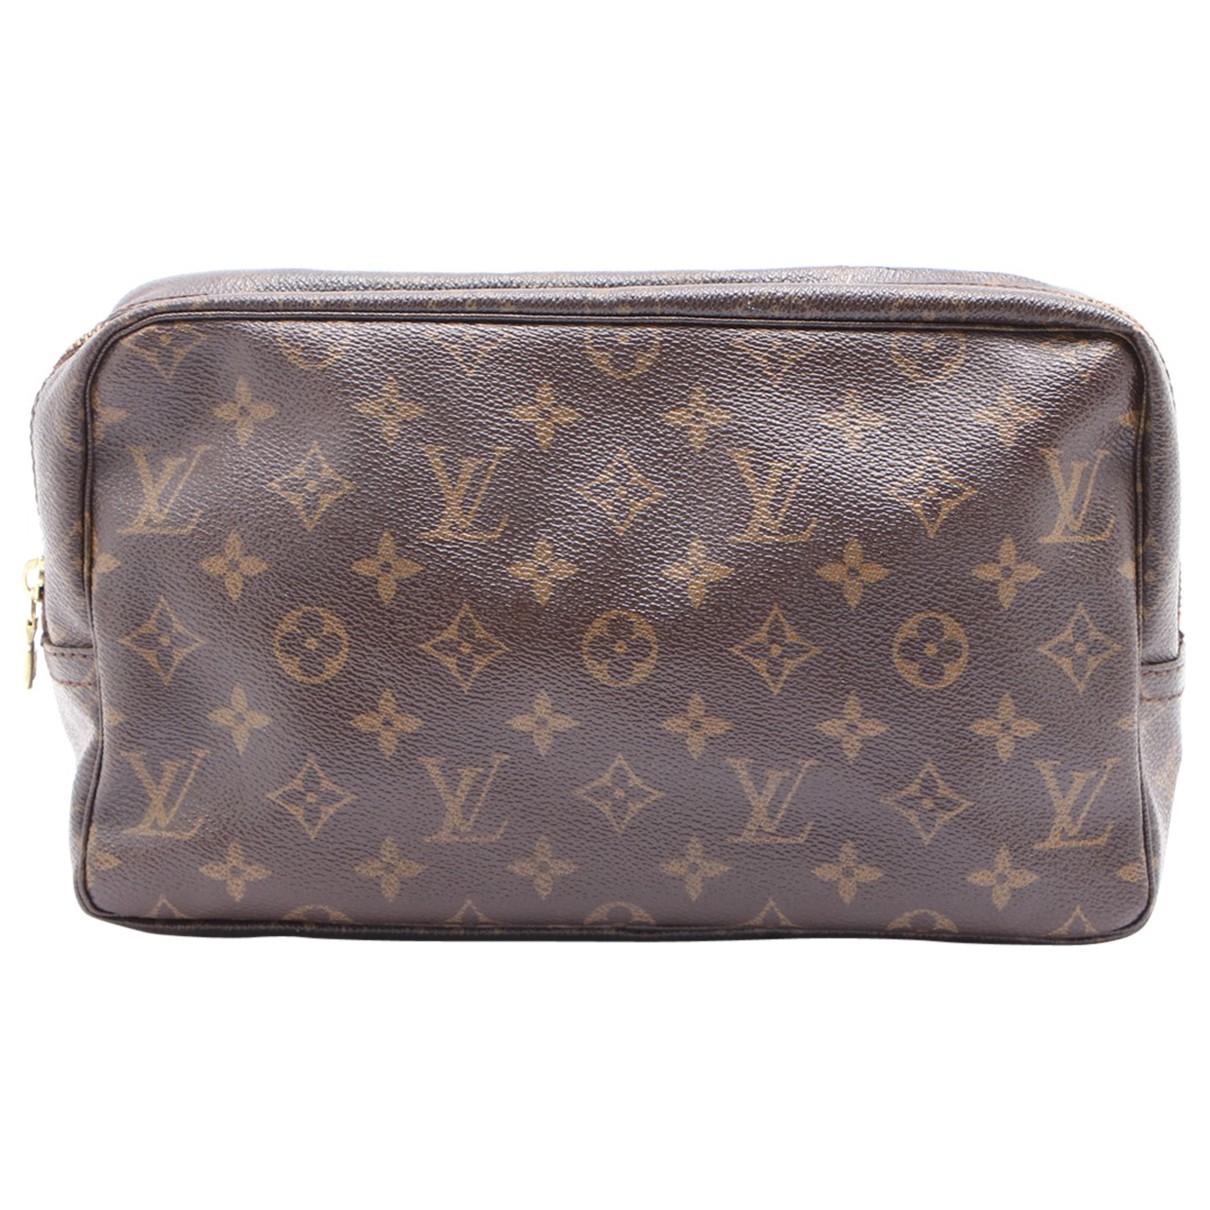 Louis Vuitton - Pochette   pour femme en toile